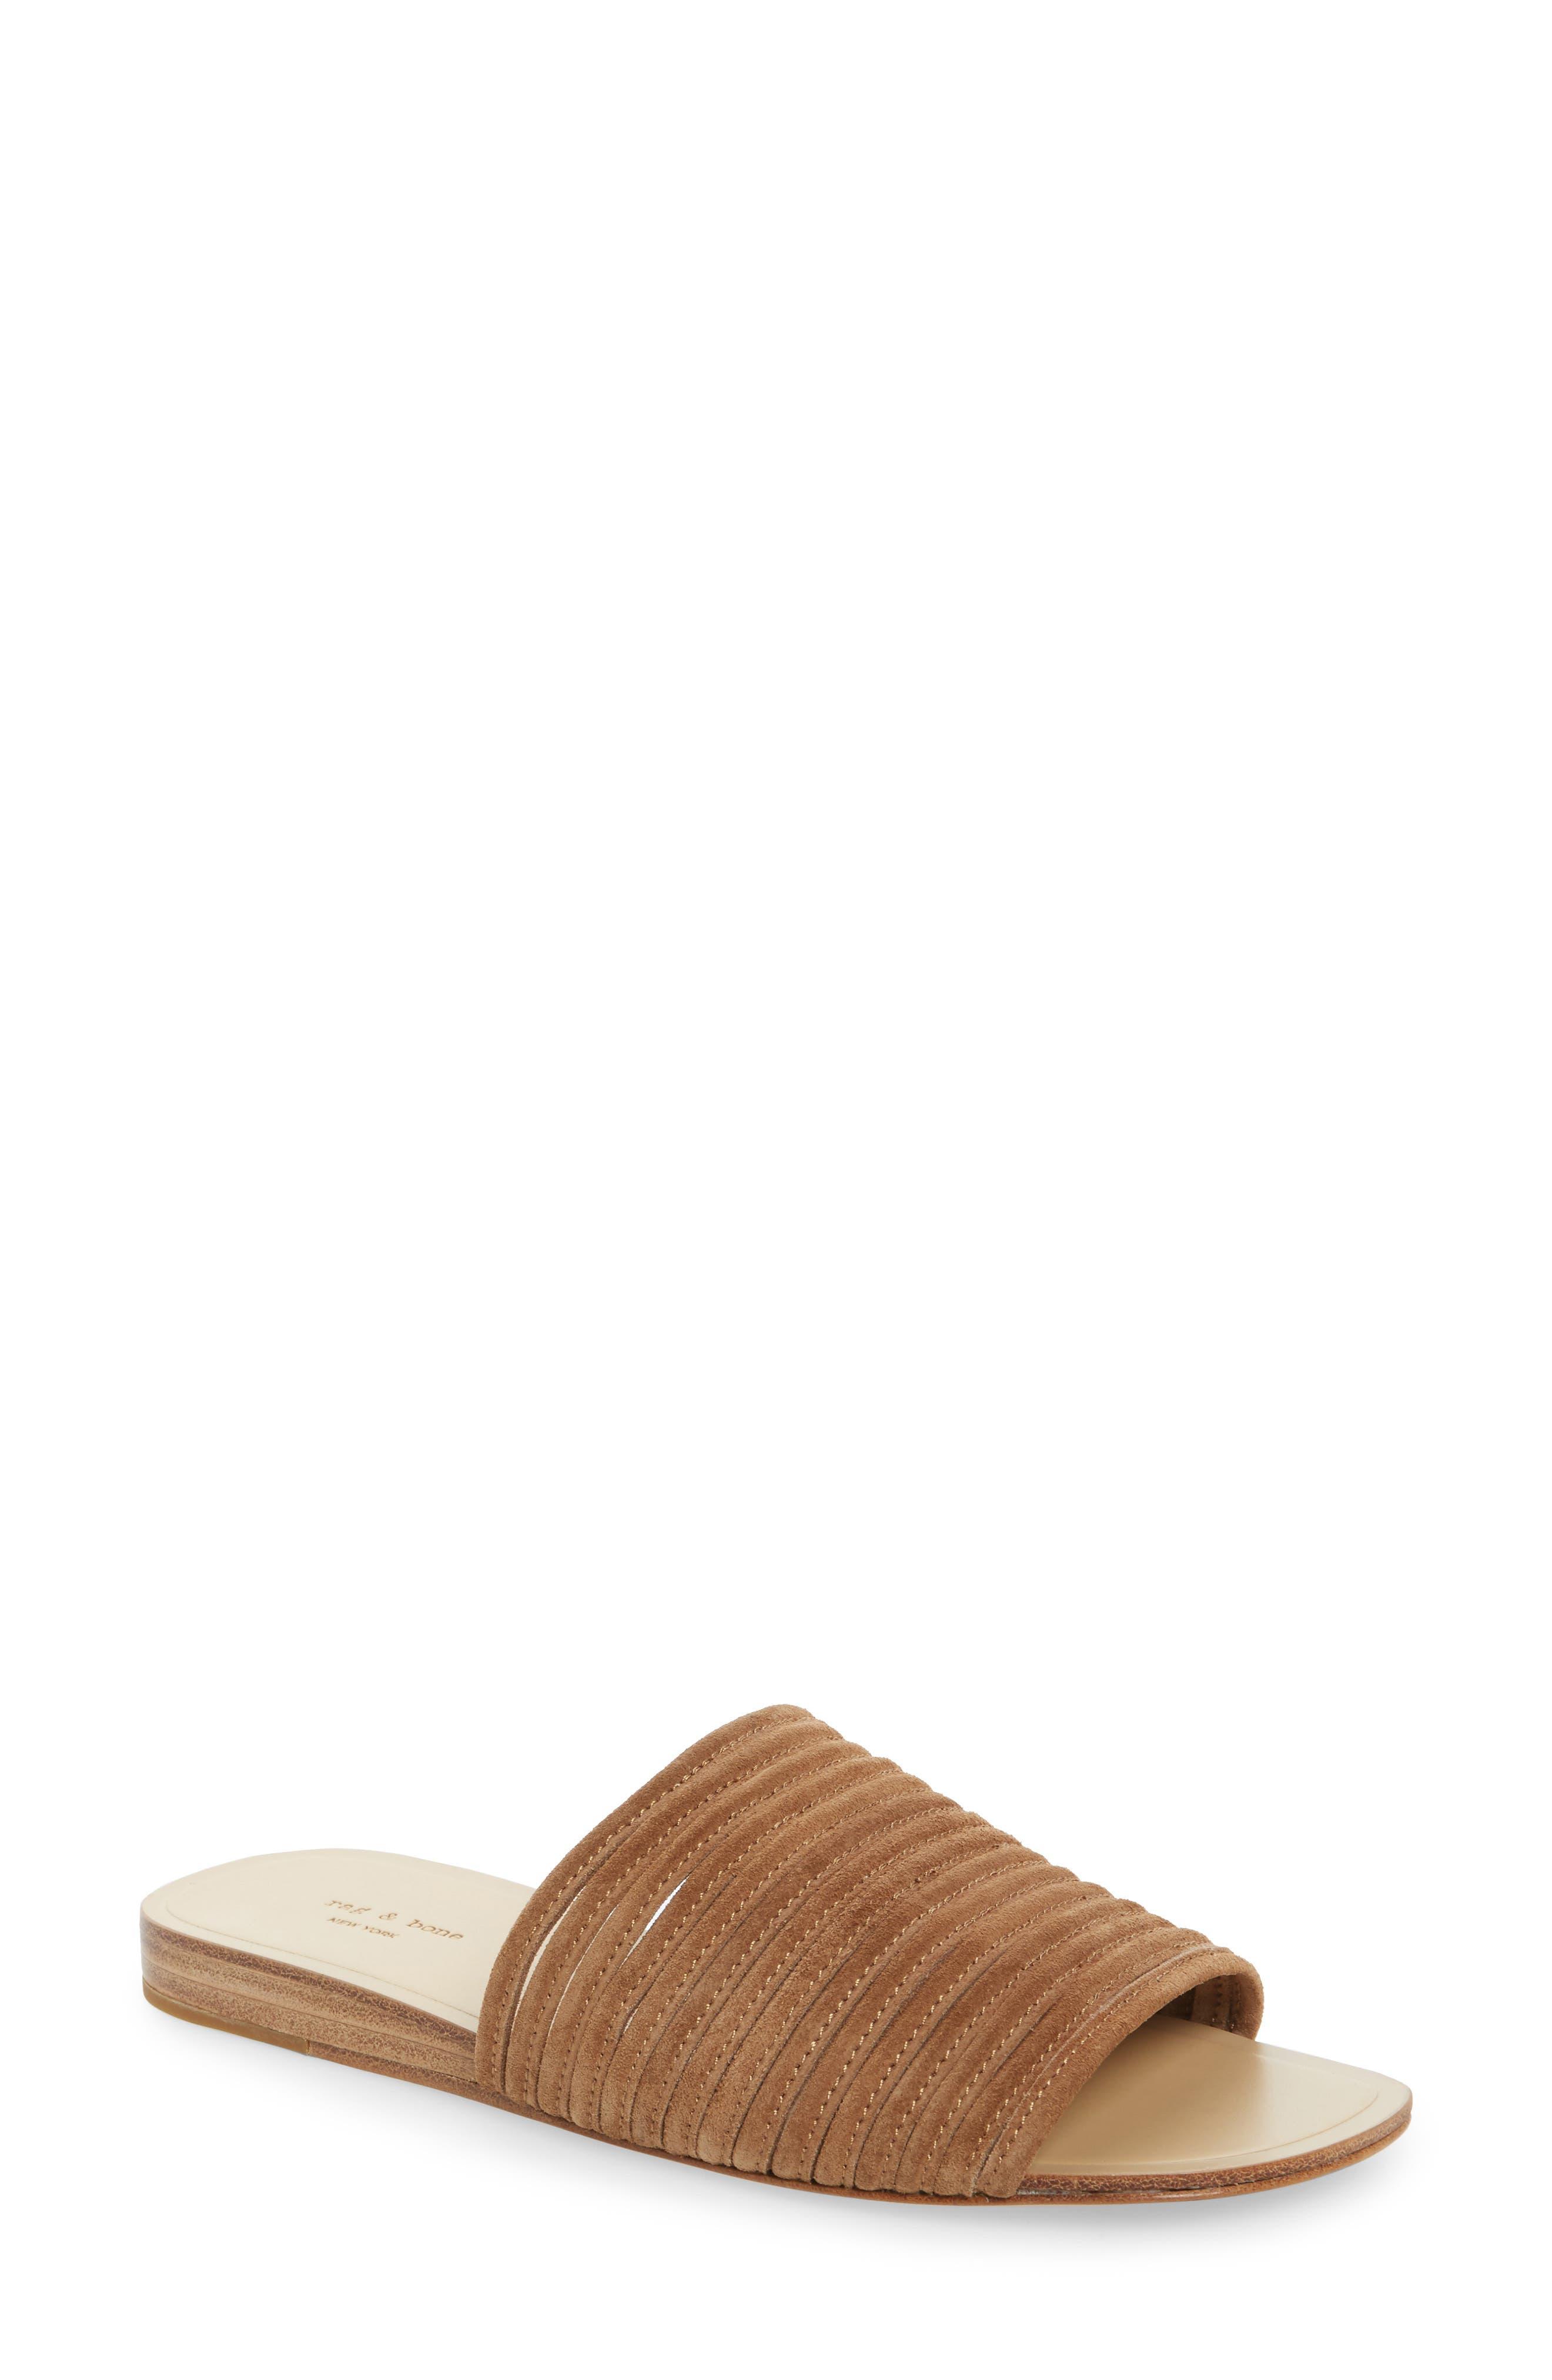 Alternate Image 1 Selected - rag & bone Cameron Slide Sandal (Women)